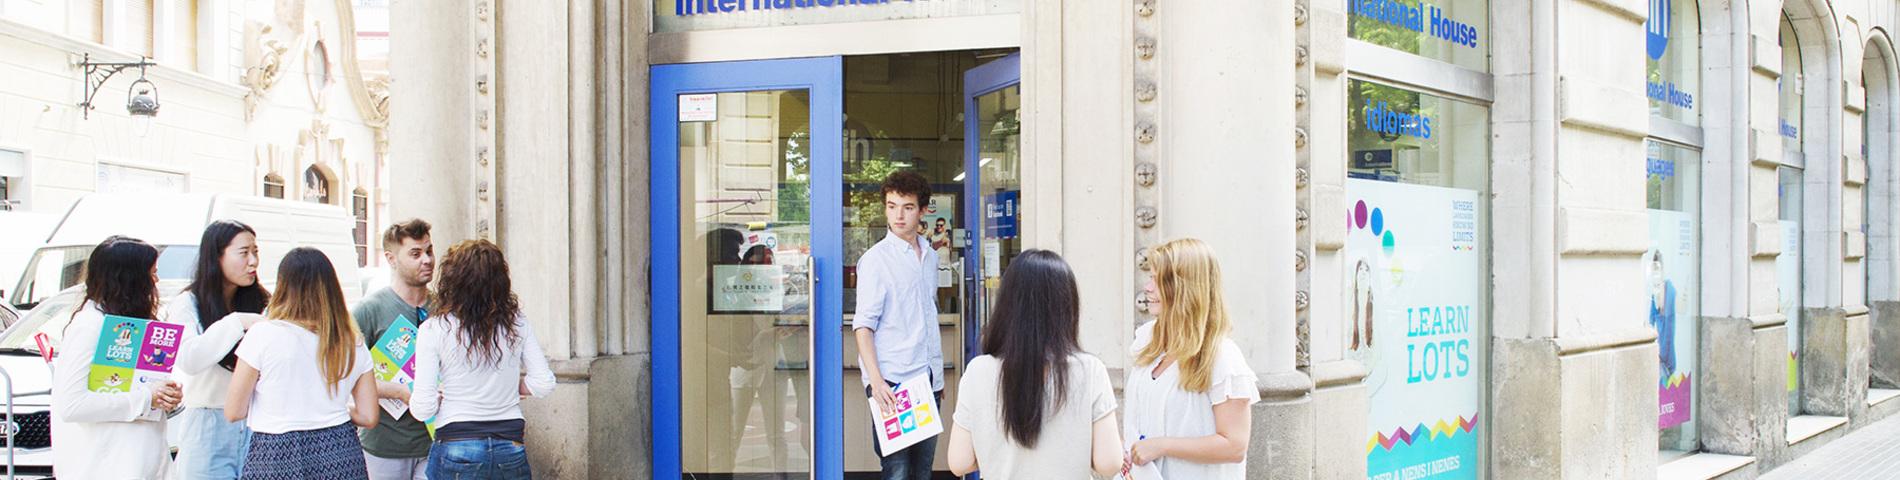 Barcelona Language School bilde 1